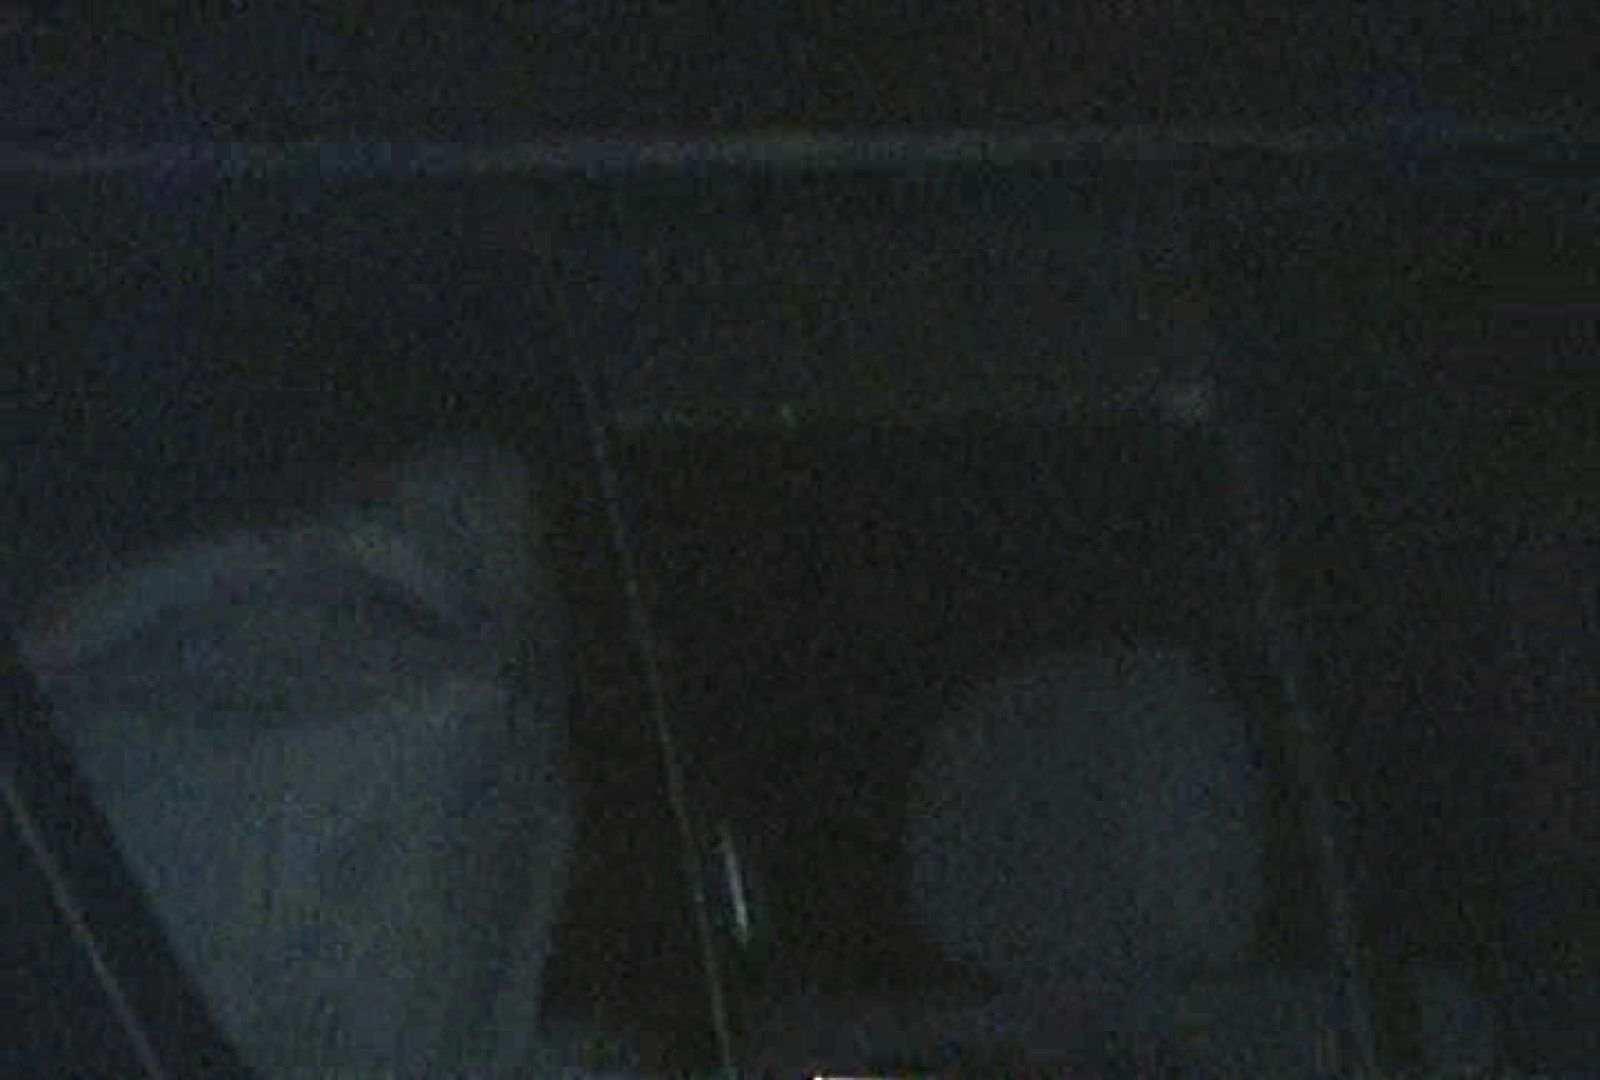 充血監督の深夜の運動会Vol.62 OLエロ画像  73PICs 9